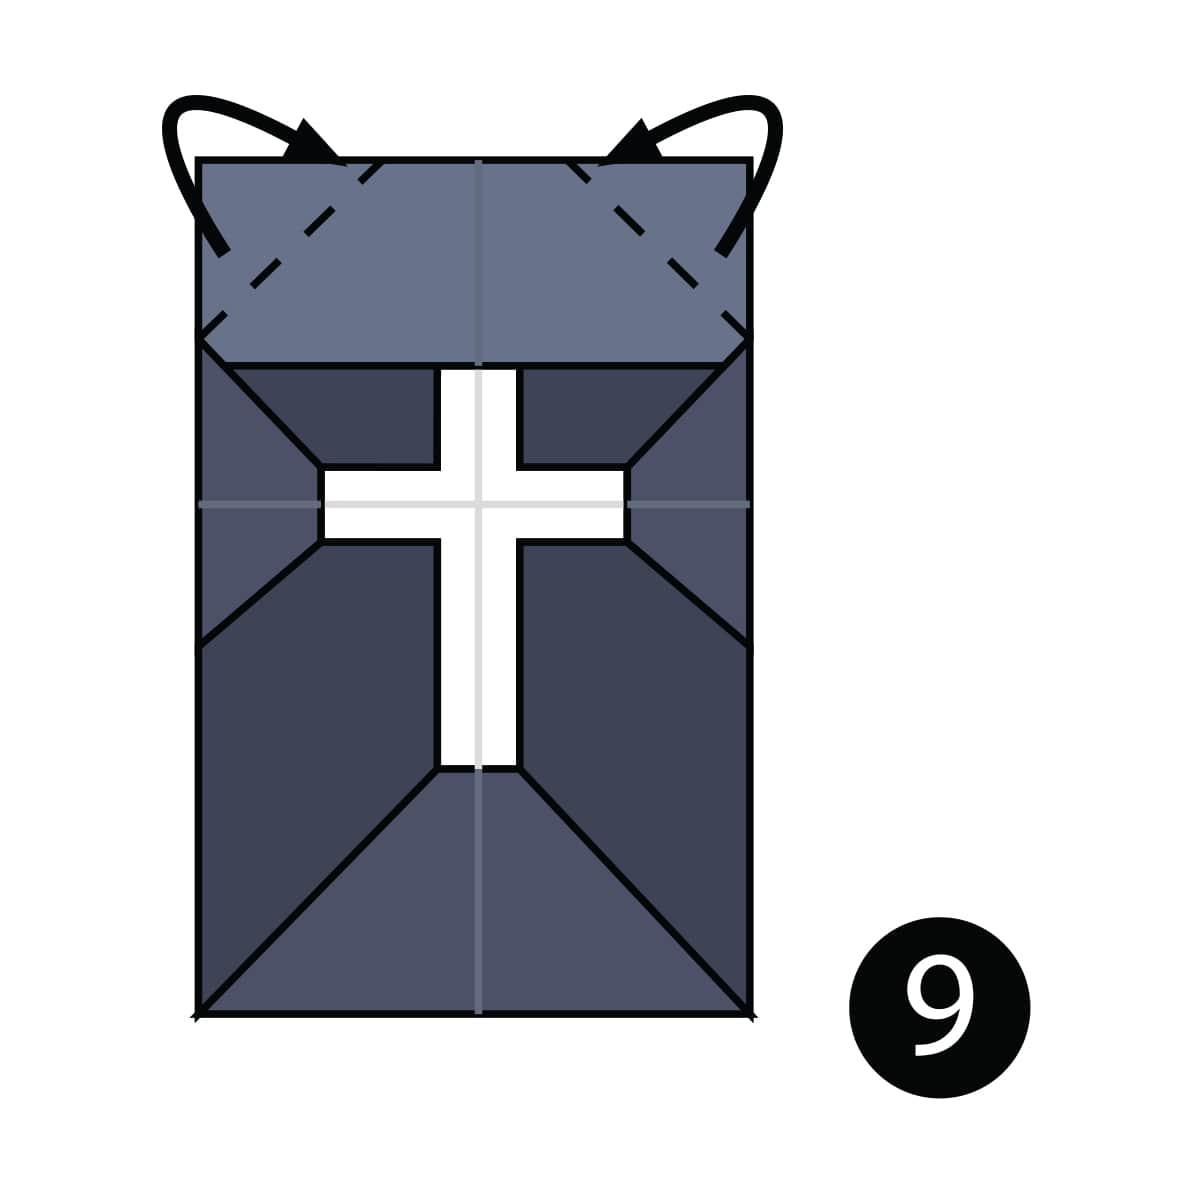 Grave Step 9